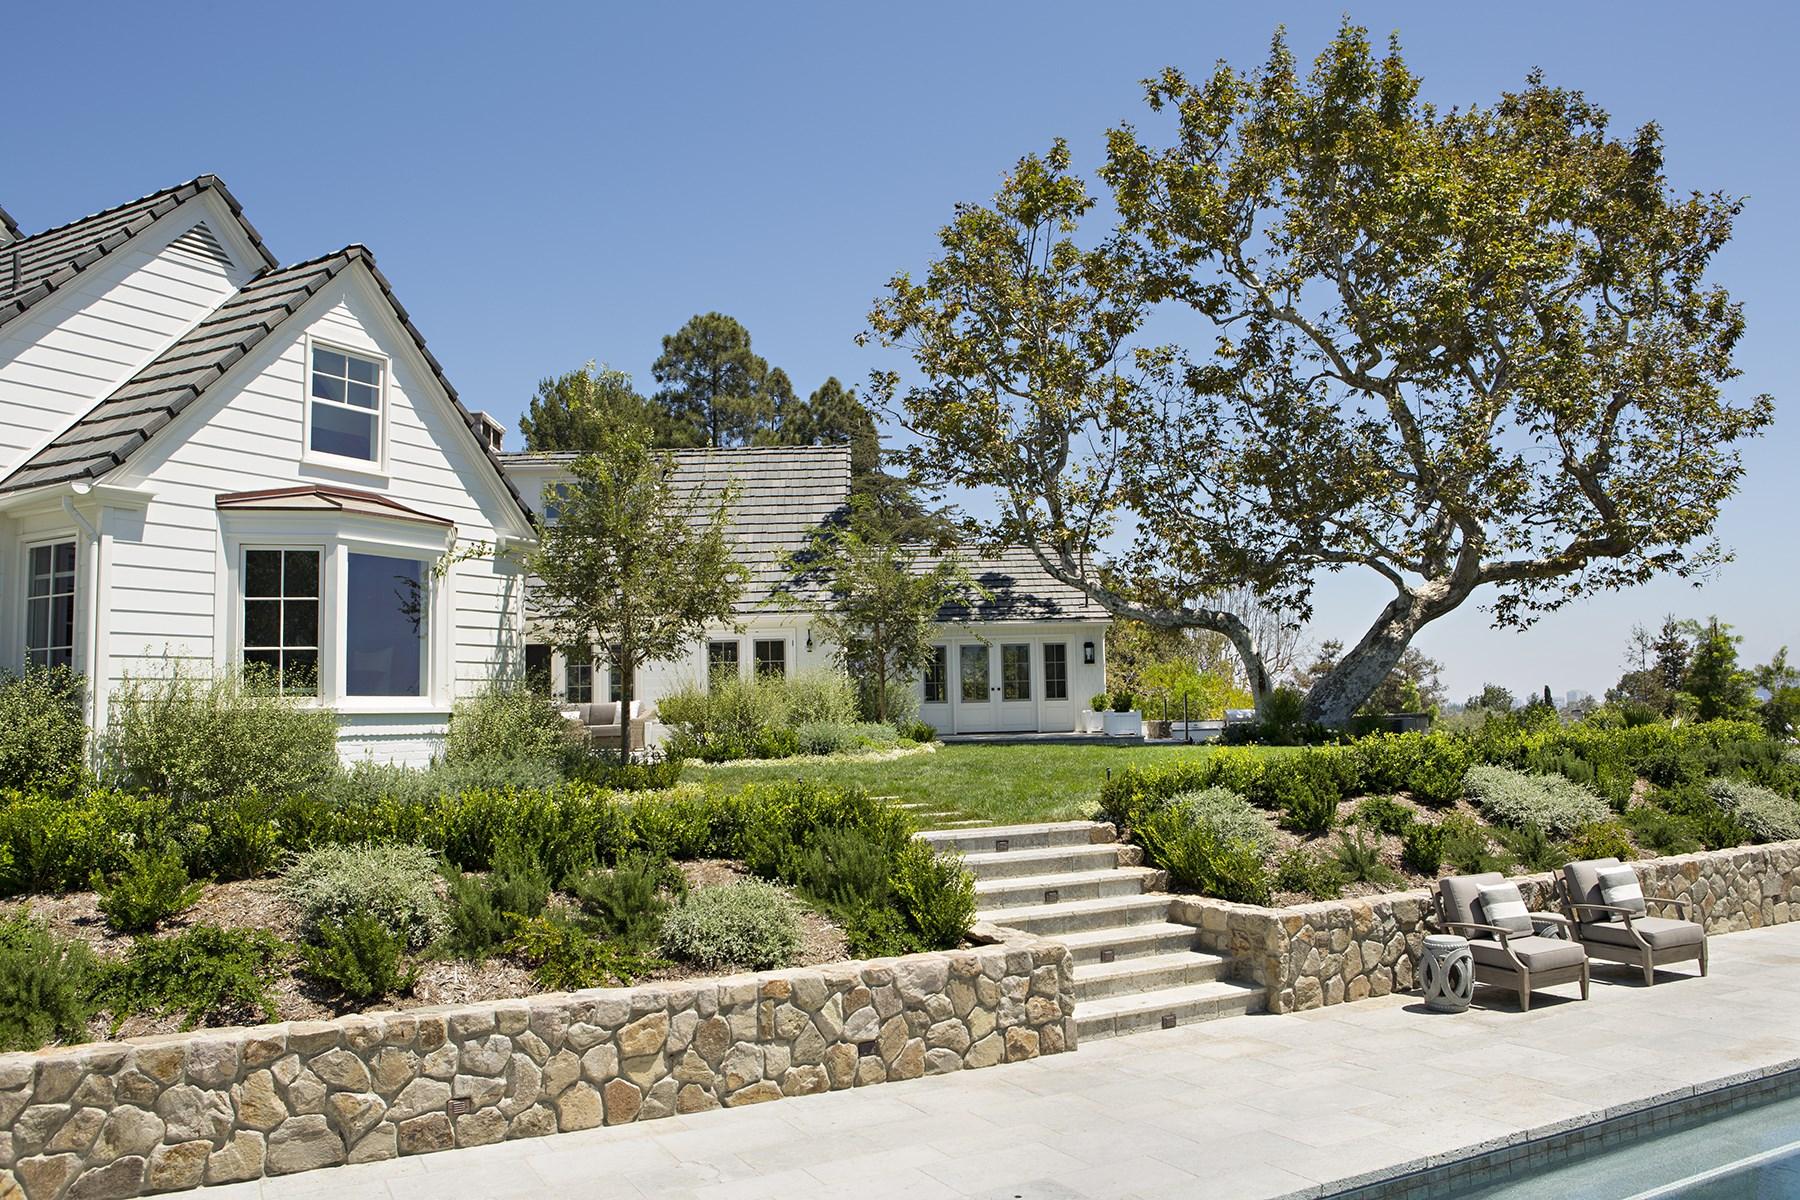 Maison unifamiliale pour l Vente à Custom One-Acre Brentwood View Estate 347 Fordyce Road Los Angeles, Californie 90049 États-Unis